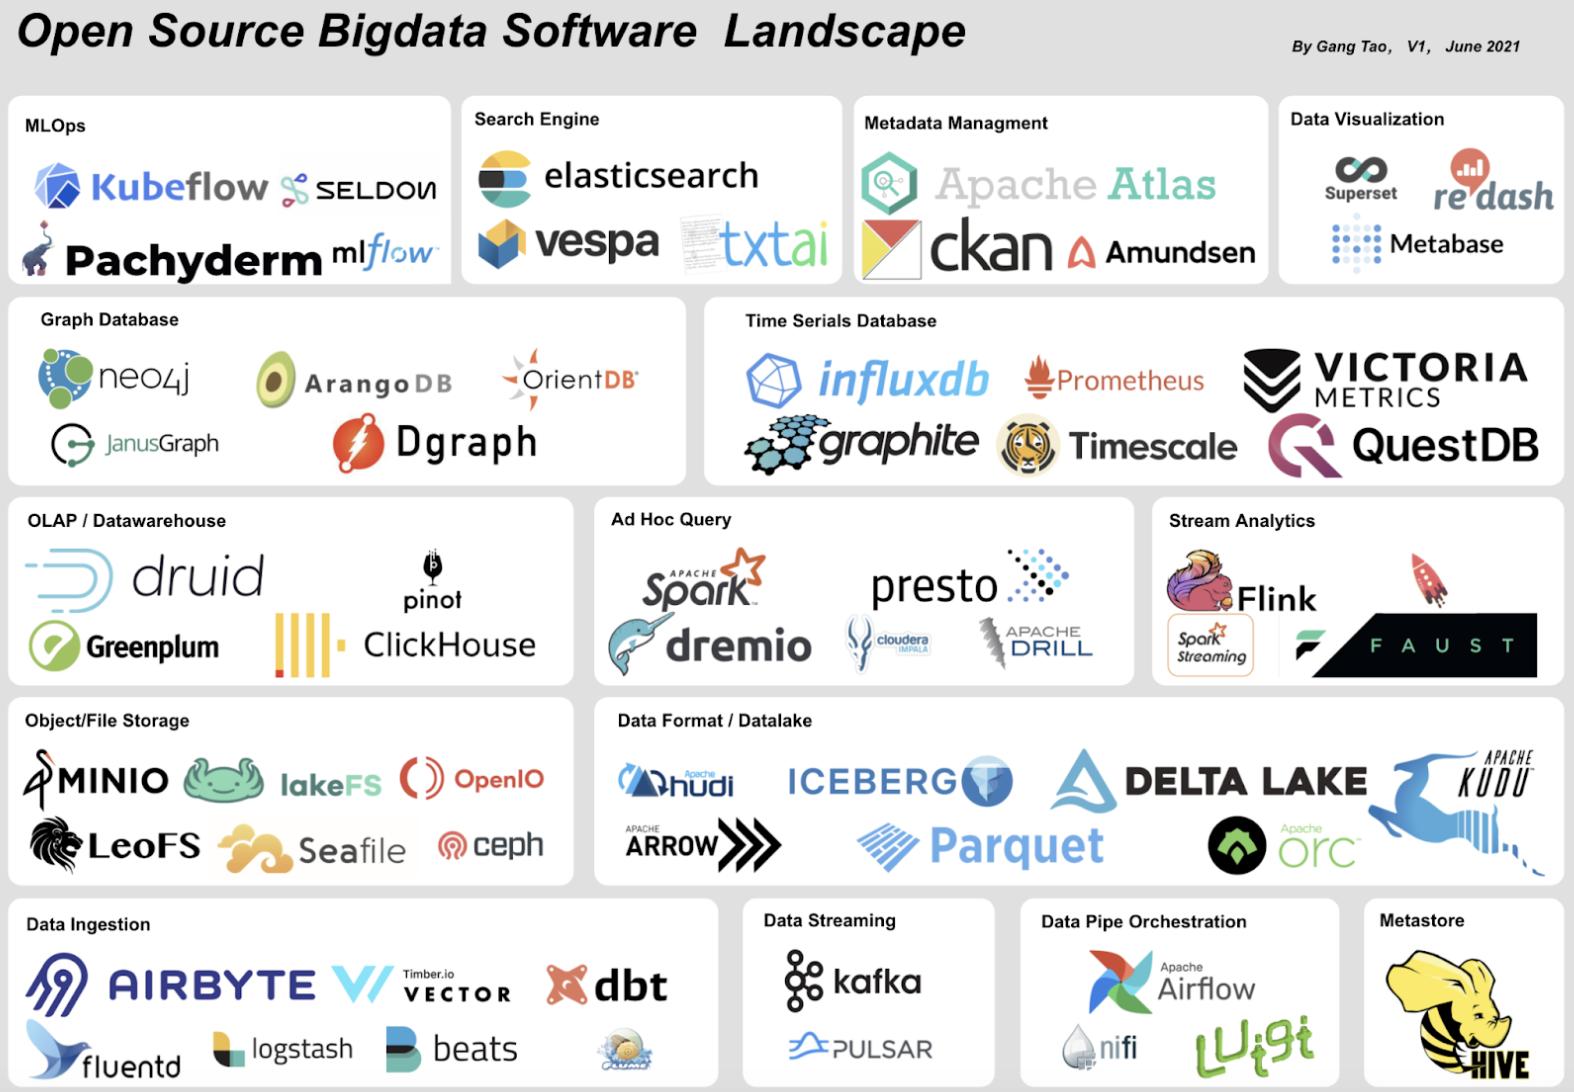 刚哥谈架构(十三)大数据软件开源版图